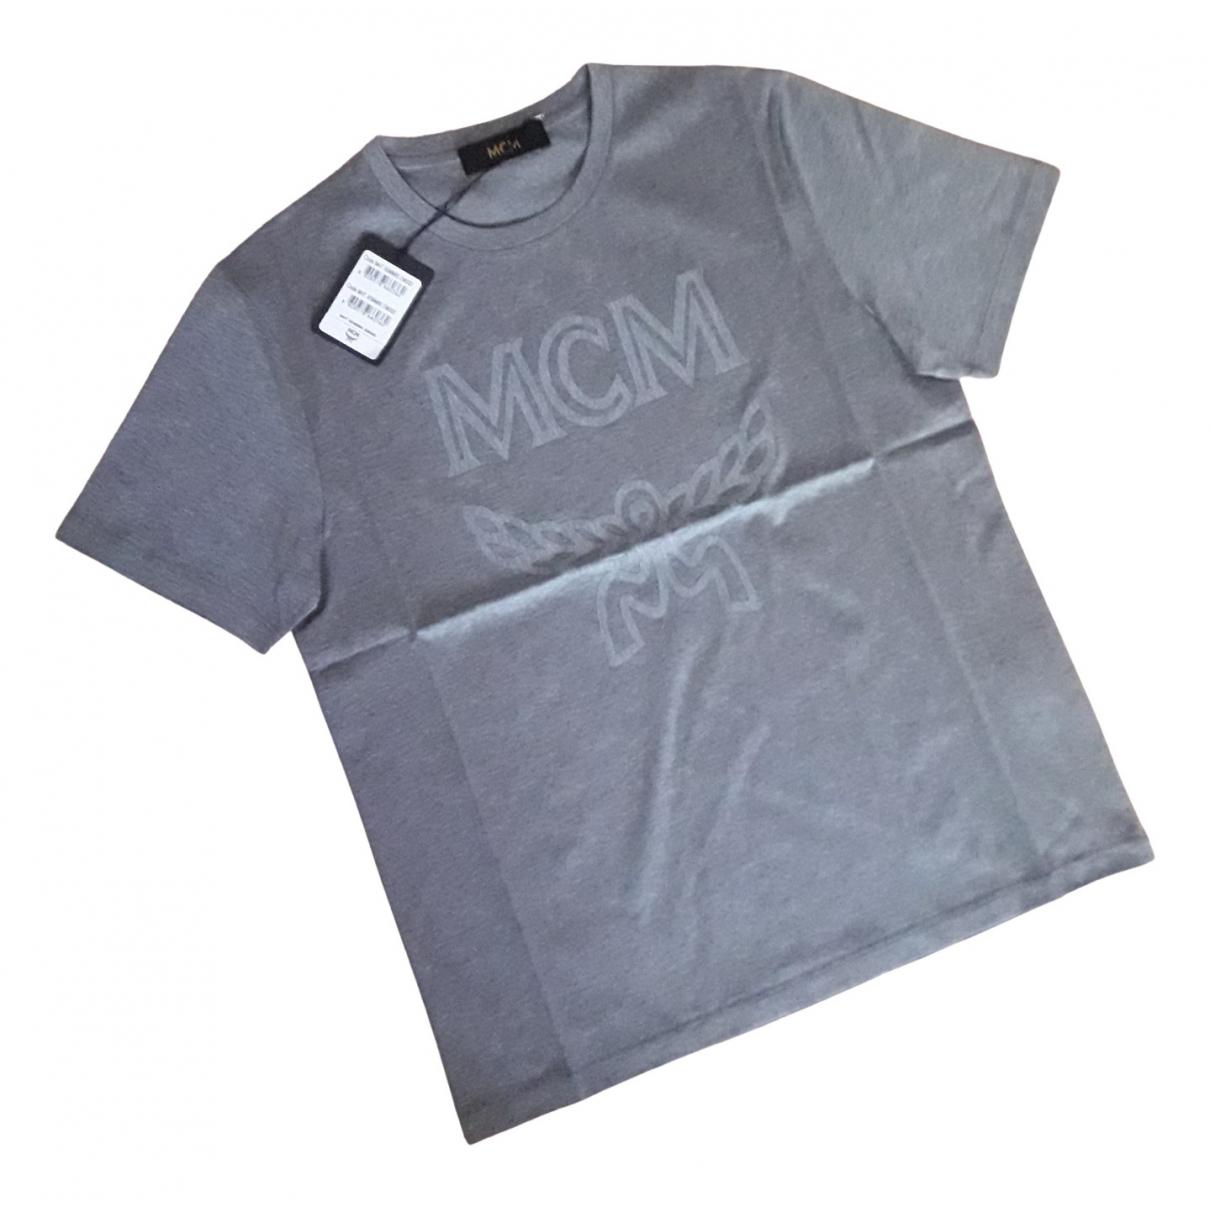 Mcm - Tee shirts   pour homme en coton - argente